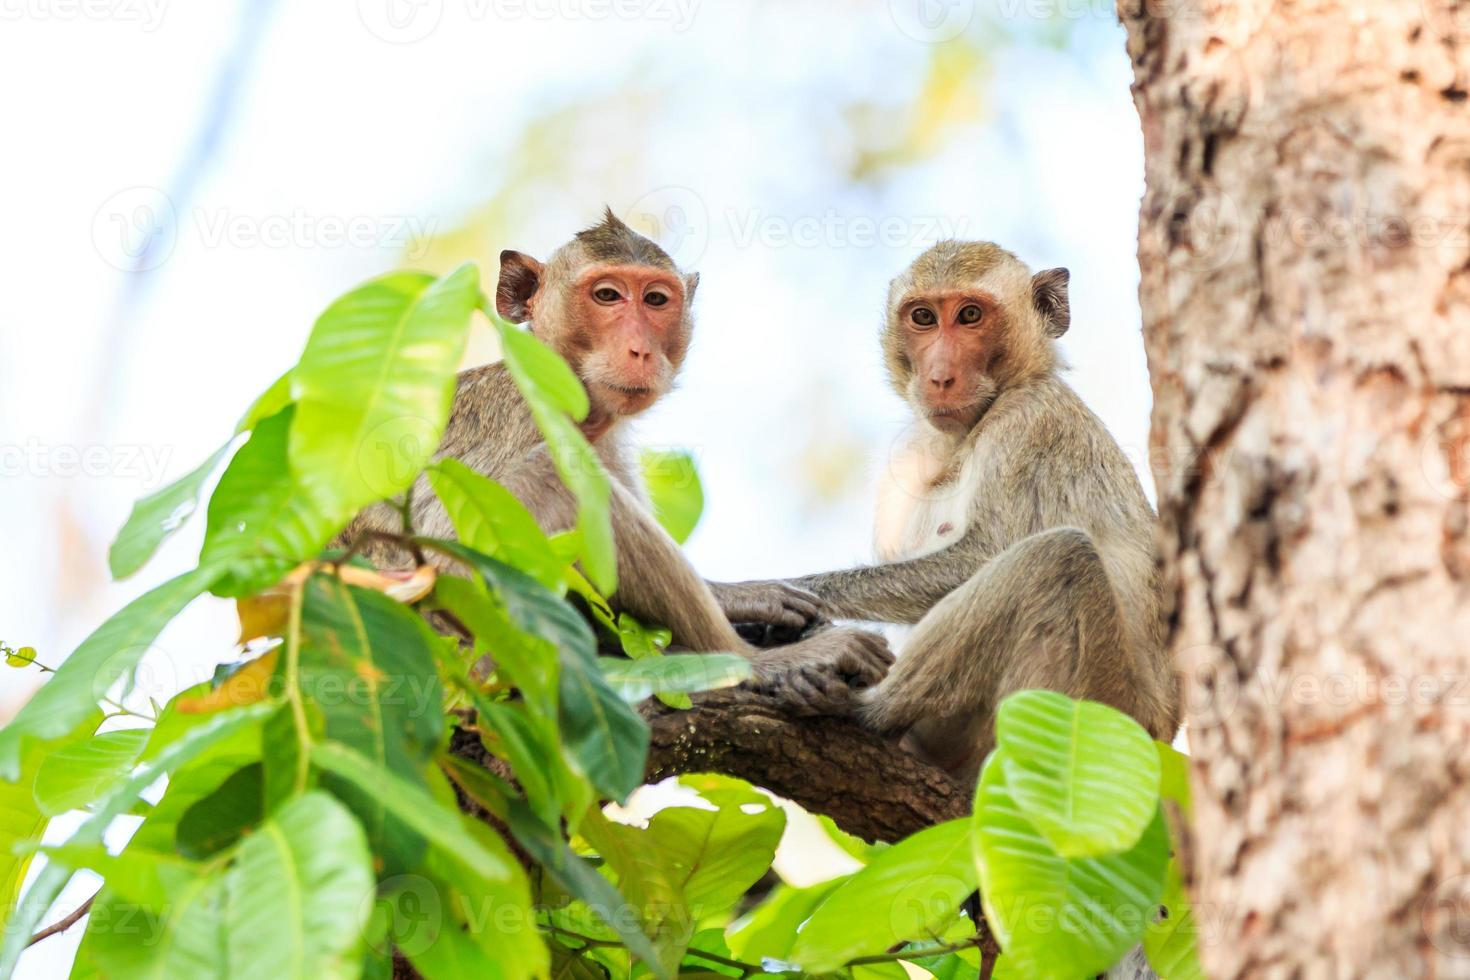 Affen (krabbenfressender Makaken) auf Baum in Thailand foto